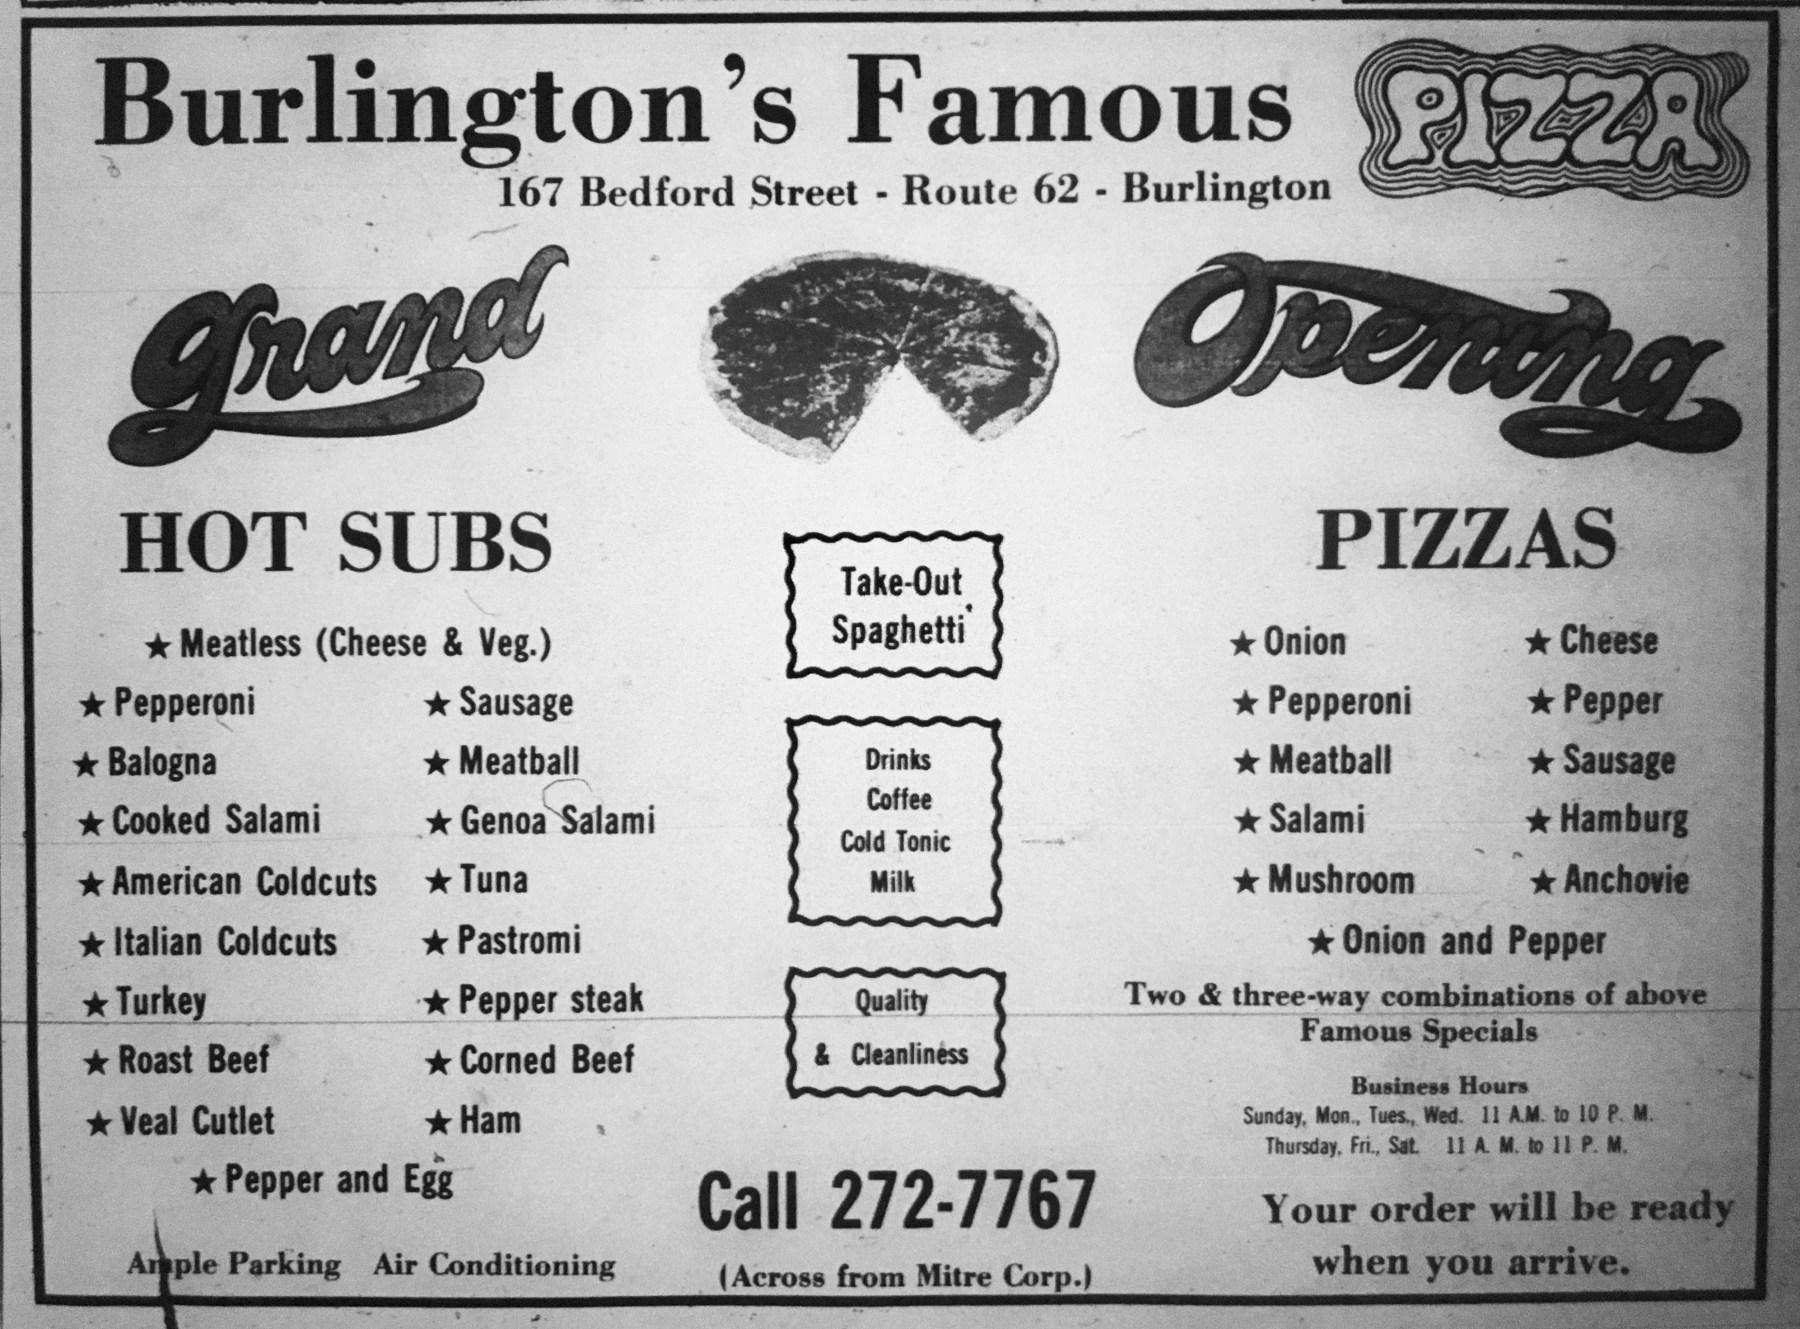 Burlington's Famous Pizza, early 1970s